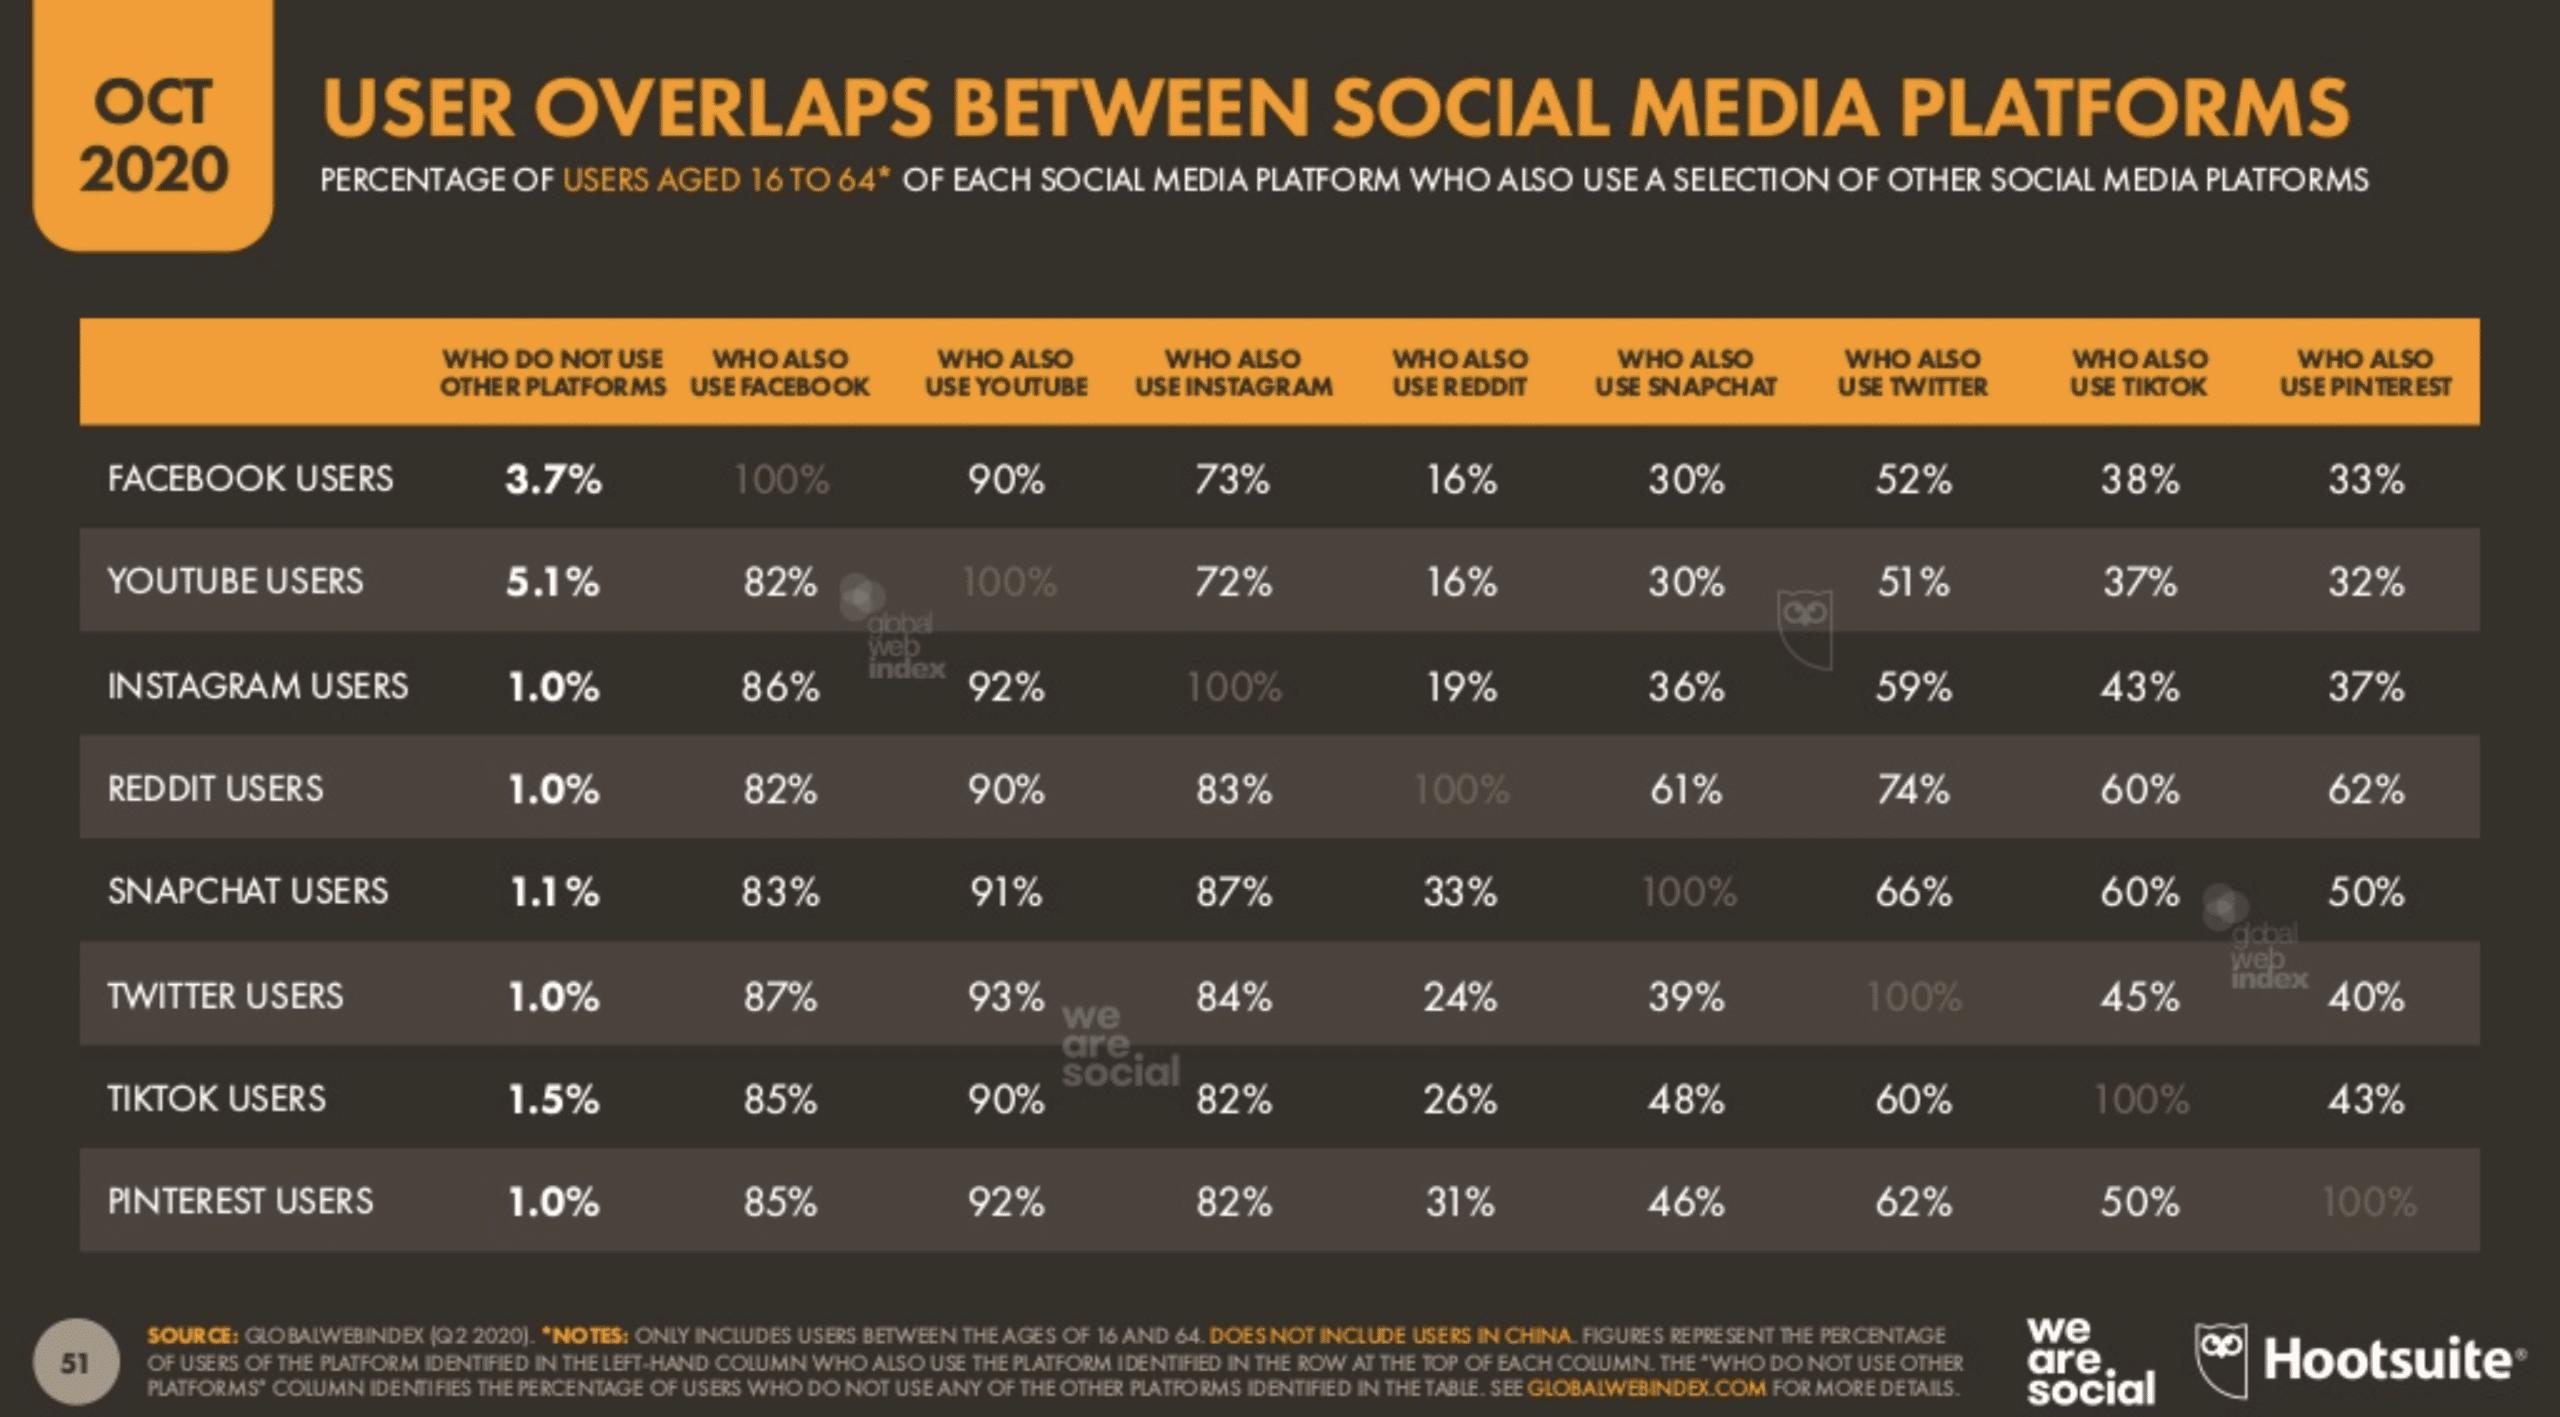 Пересечение пользователей между платформами социальных сетей